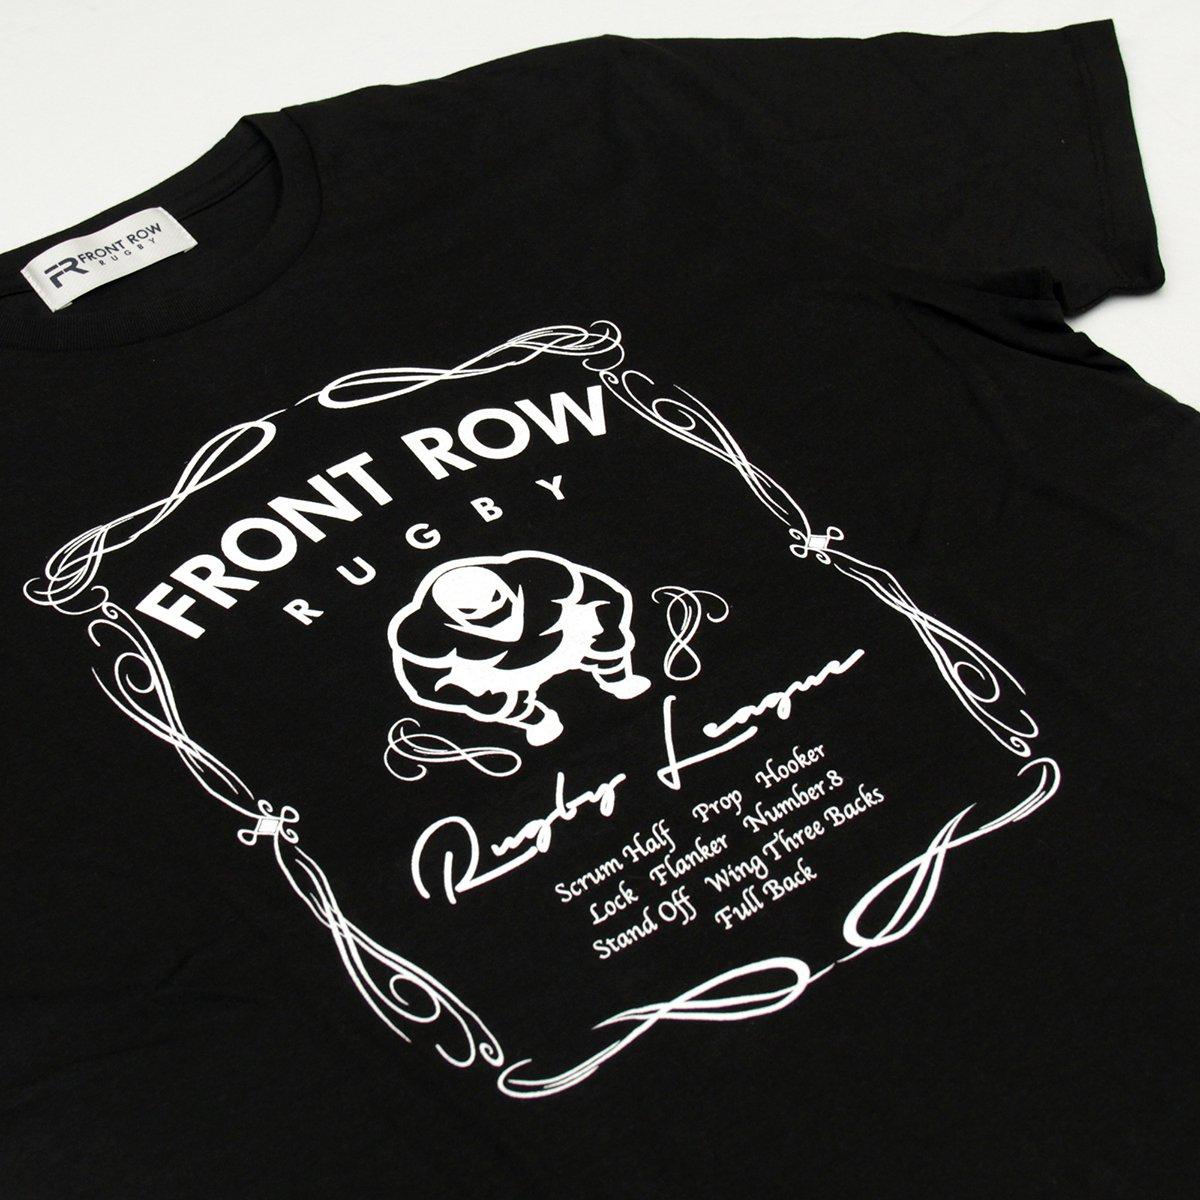 ピンストライピング Tシャツ・